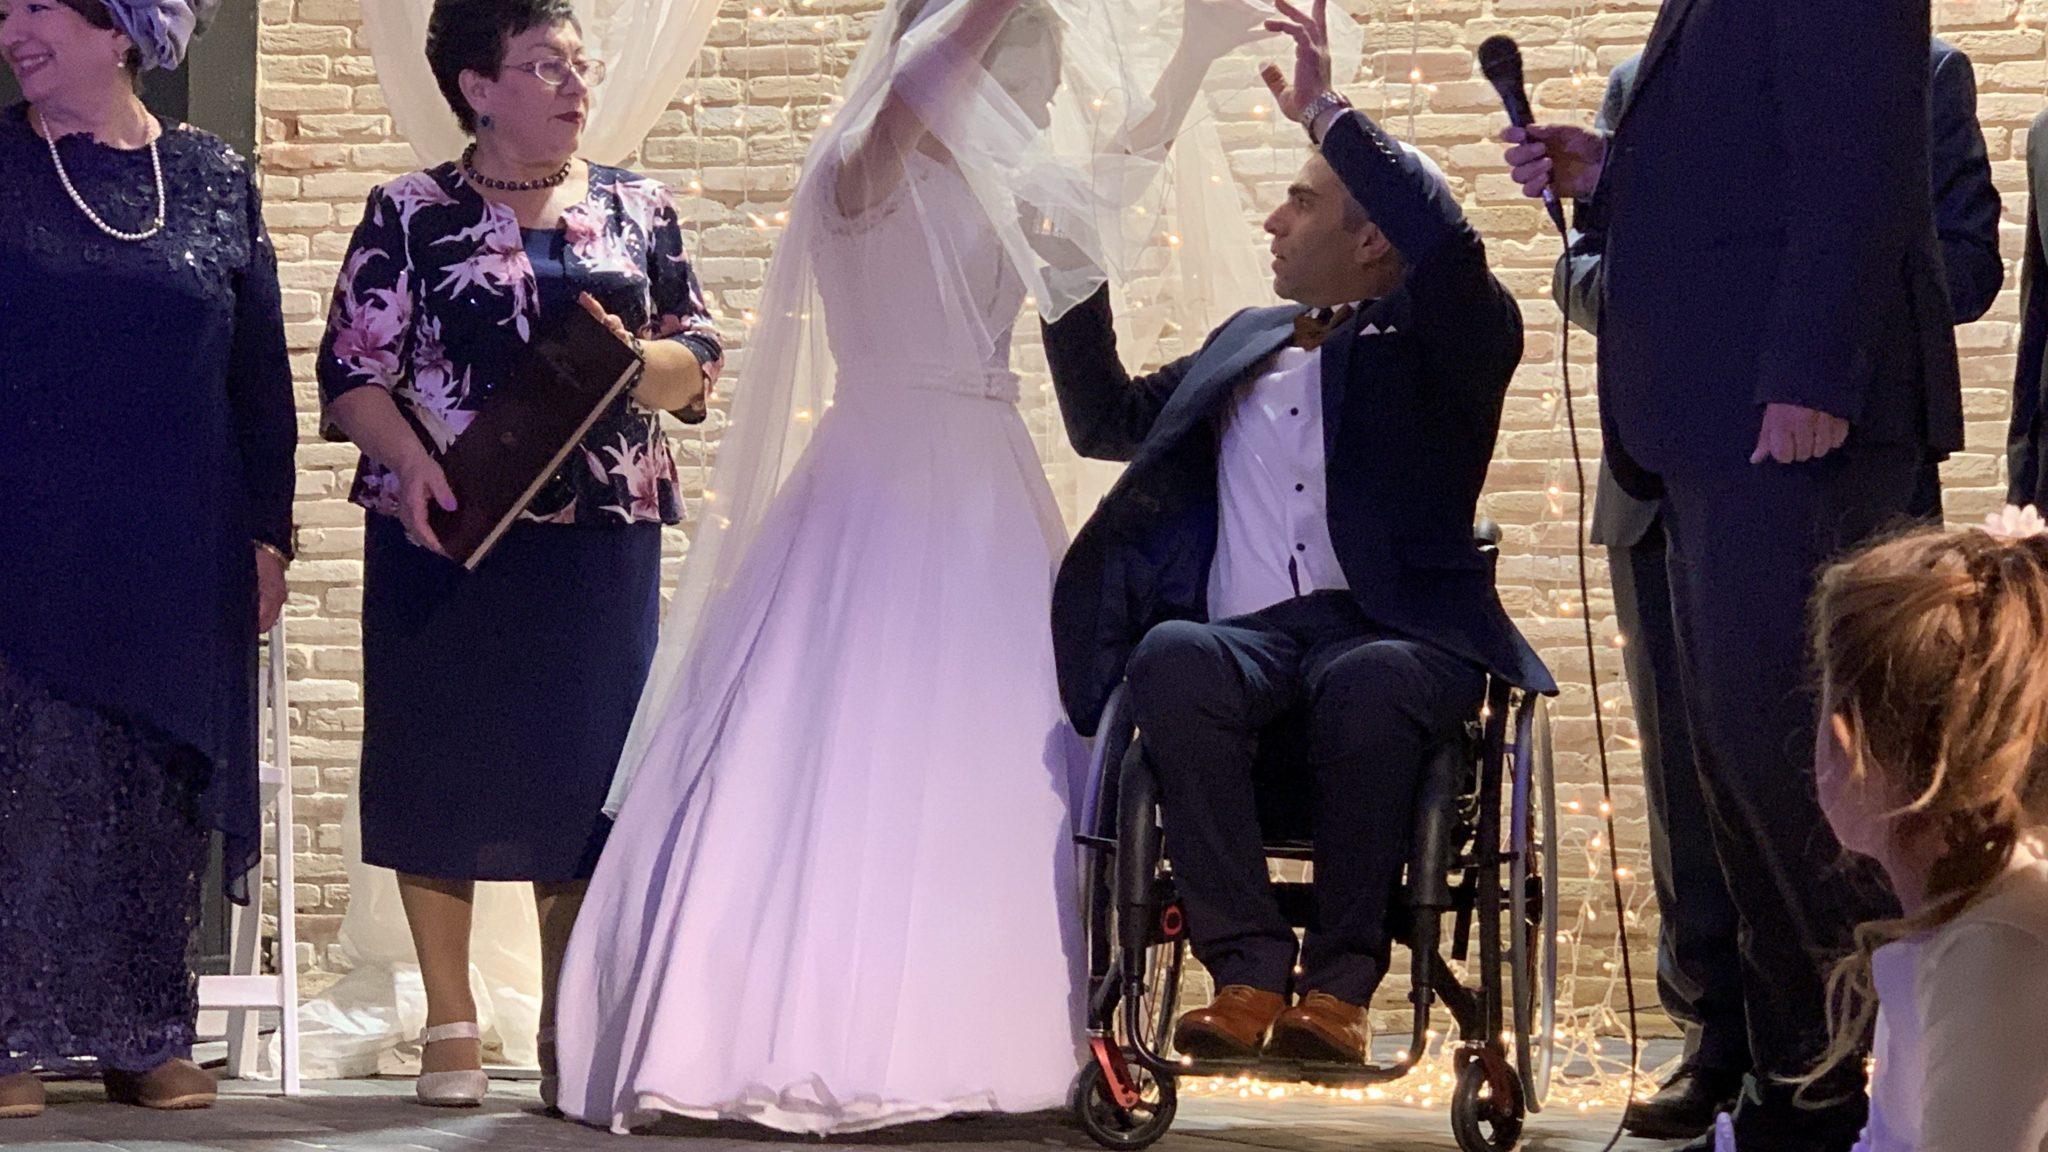 החתונה הכי מרגשת בישראל – רבים בכו ושמחו יחד (צפו בהתרגשות העצומה)